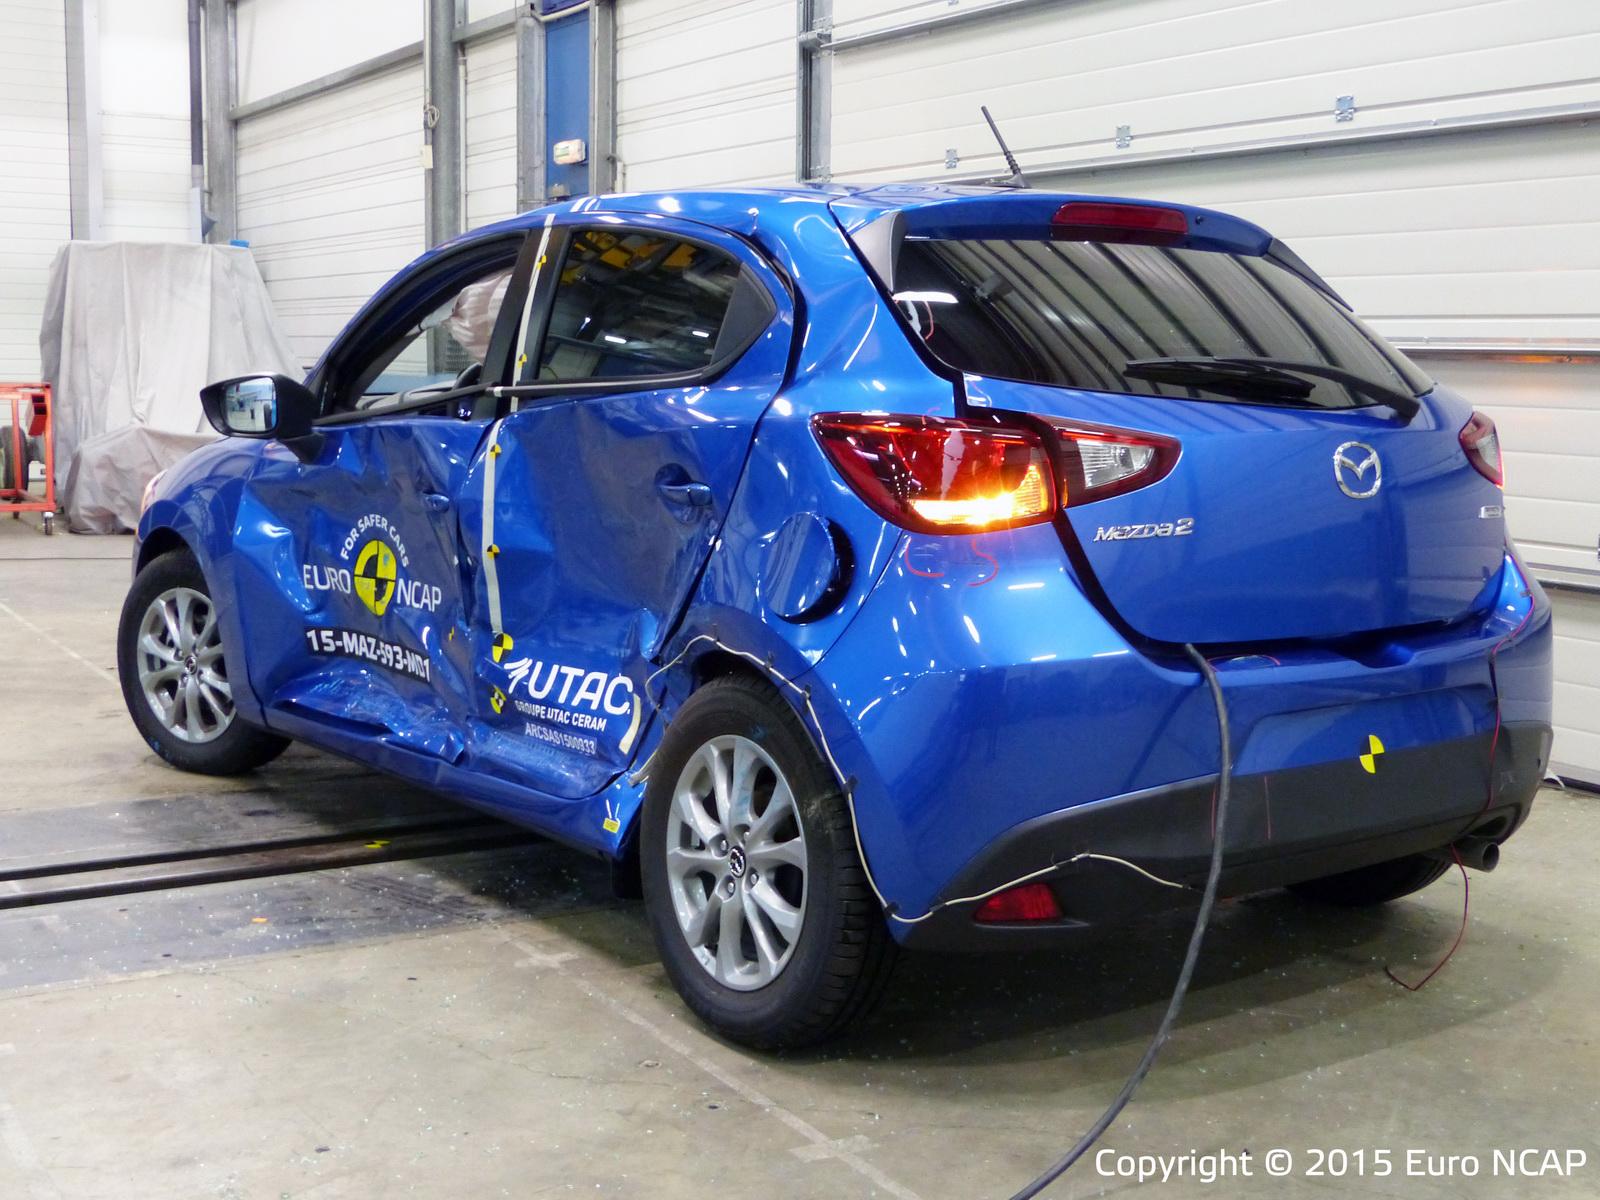 Euro NCAP: Los Renault Espace y Suzuki Vitara consiguen 5 estrellas, el Mazda2 y Fiat 500X se conforman con menos 2